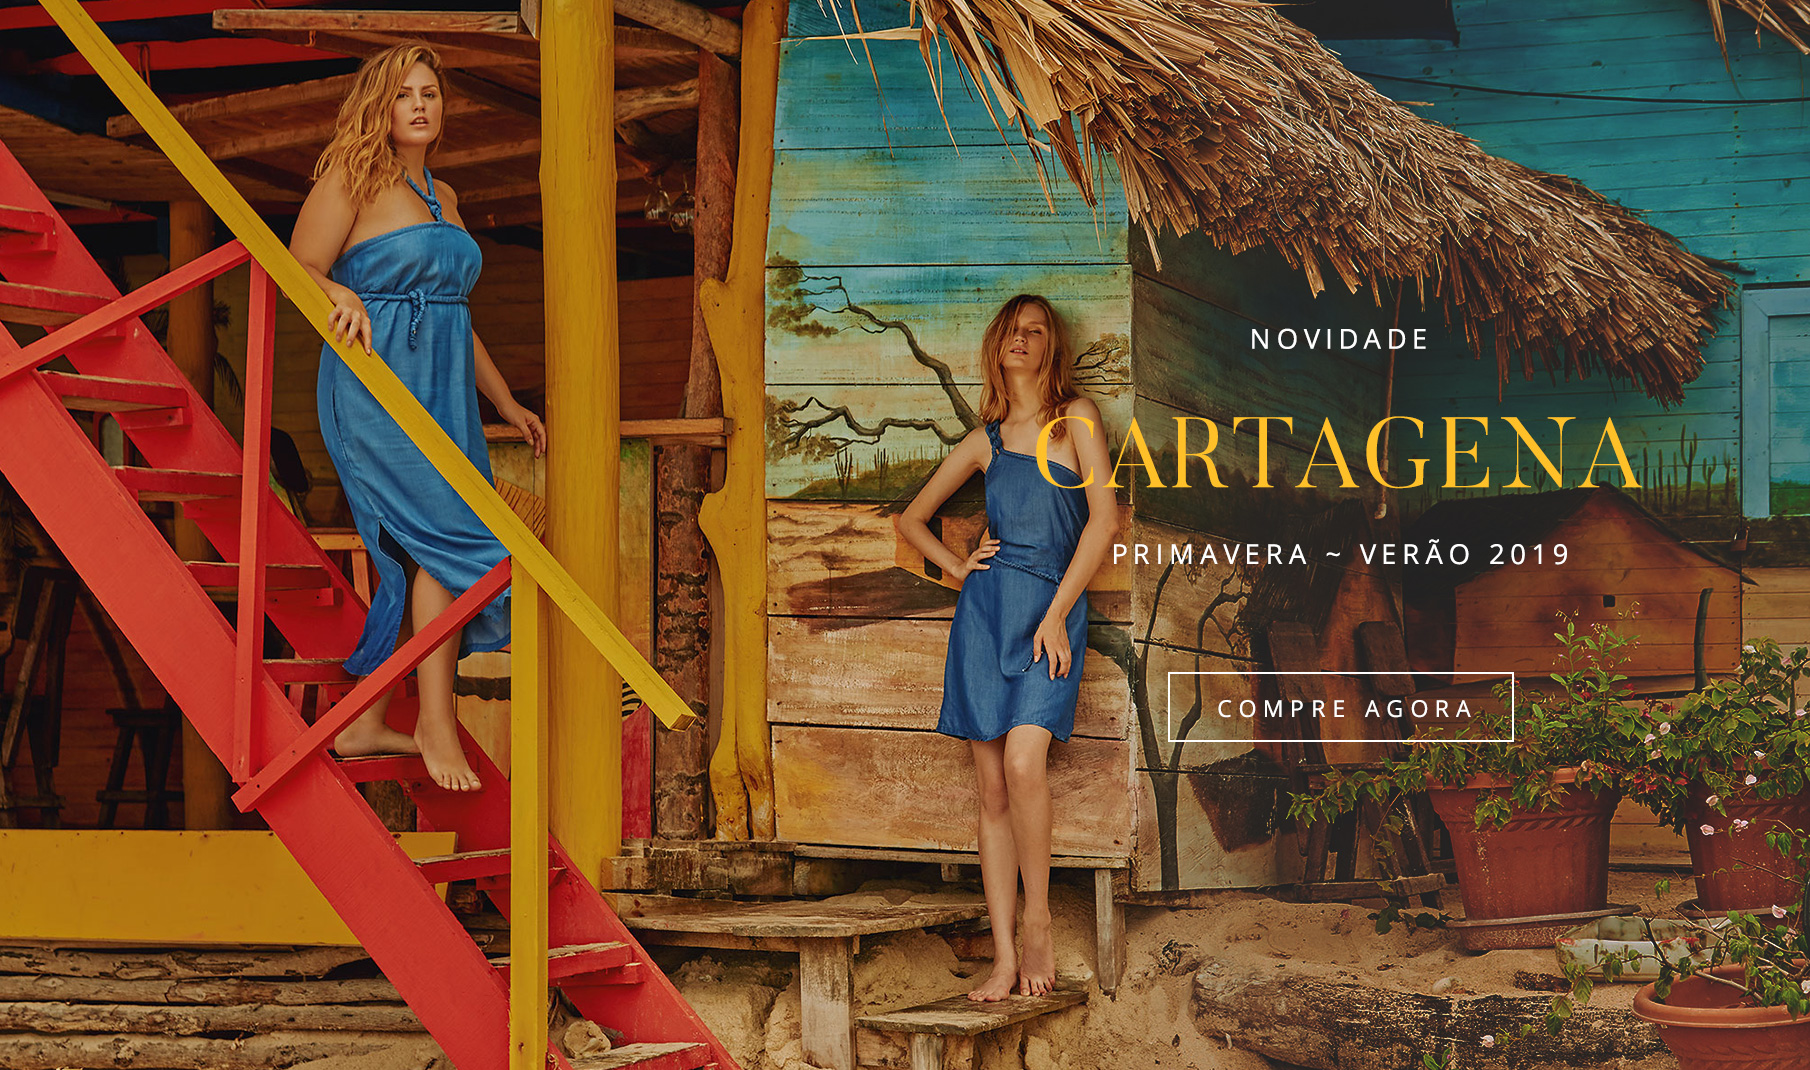 Novidade Cartagena